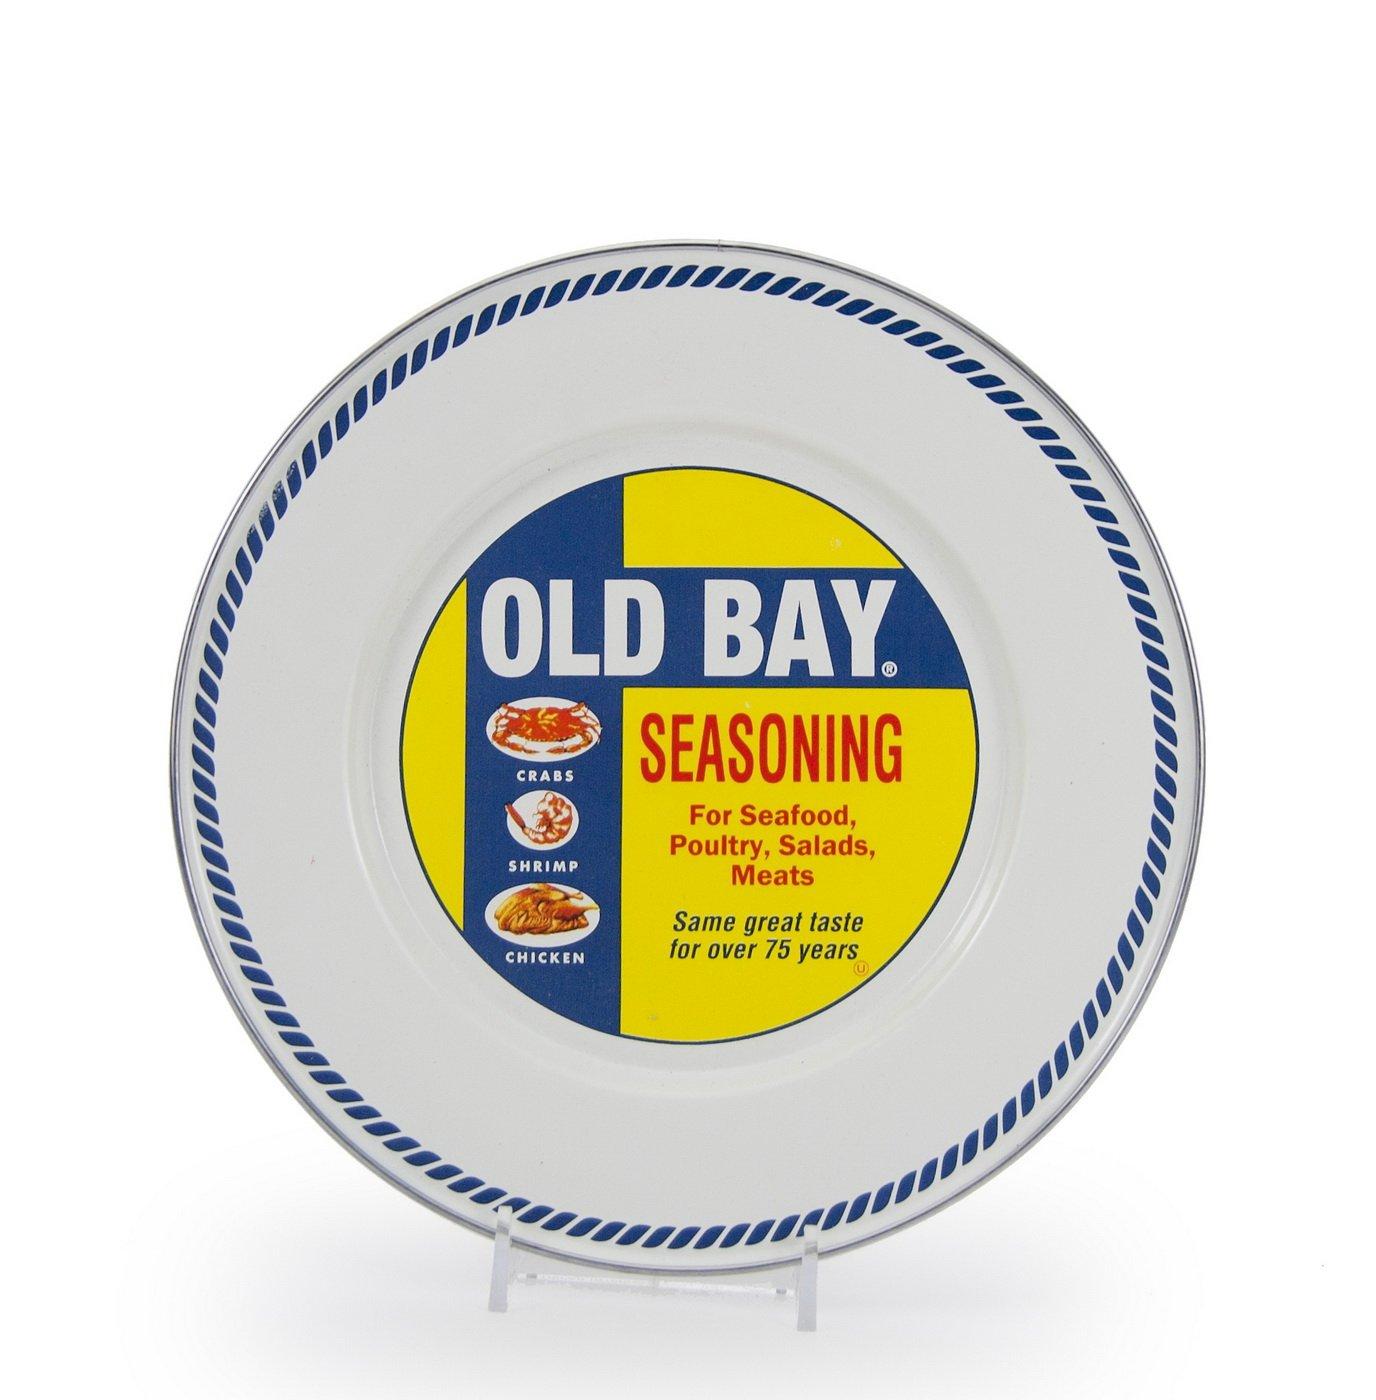 Sea Glass Teal Swirl Pattern 8.5 Inch Sandwich Plate Enamelware